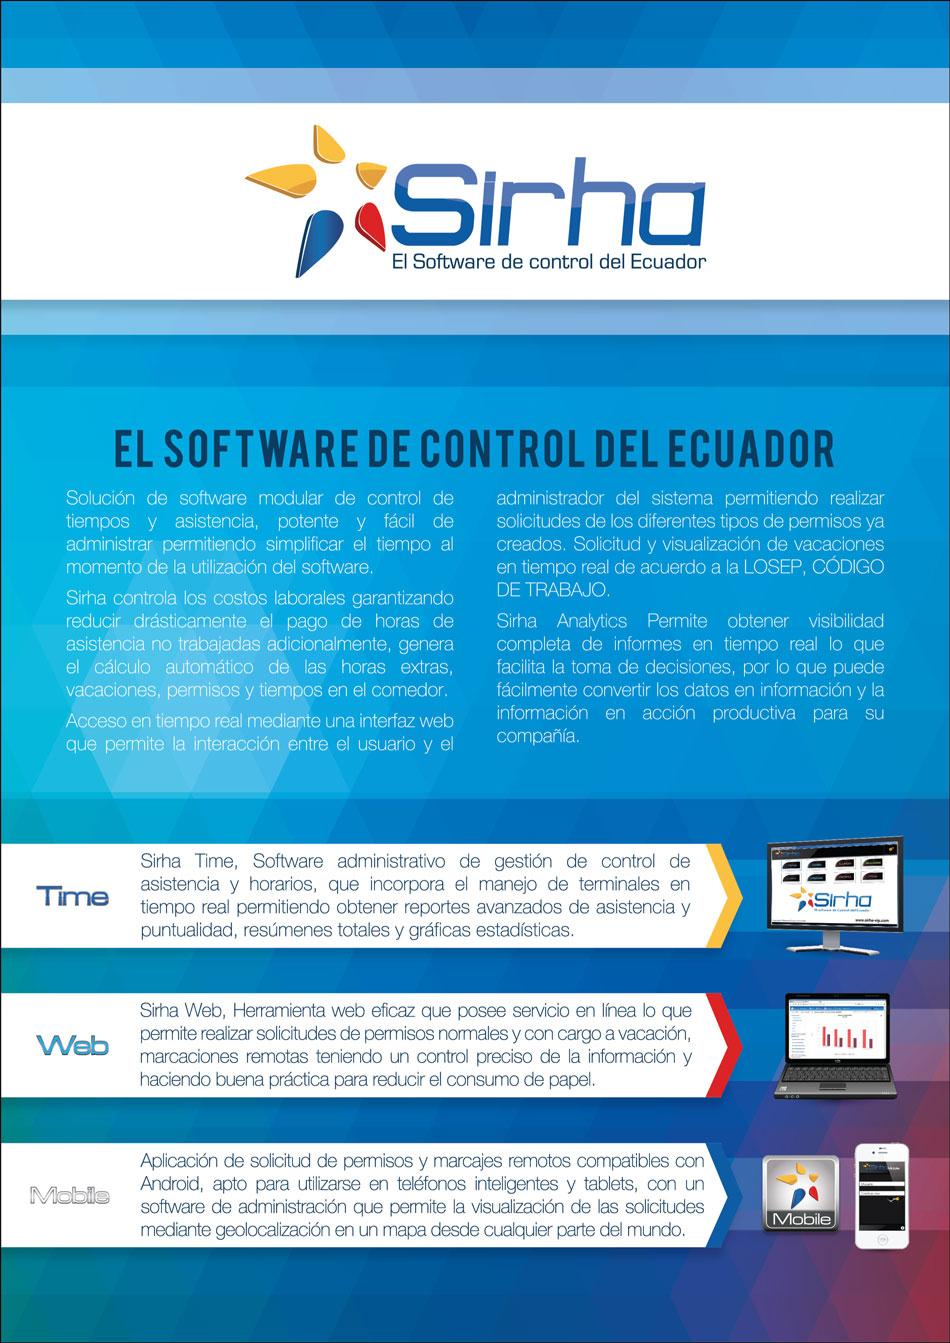 Software Sirha para el Control de Tiempo y Asistencia del Personal de una Empresa. Software fácil de manejar que ayuda a incrementa la productividad de la empresa al ahorrar tiempo. Los productos son: Sirha Time, Sirha Web, Sirha Mobile